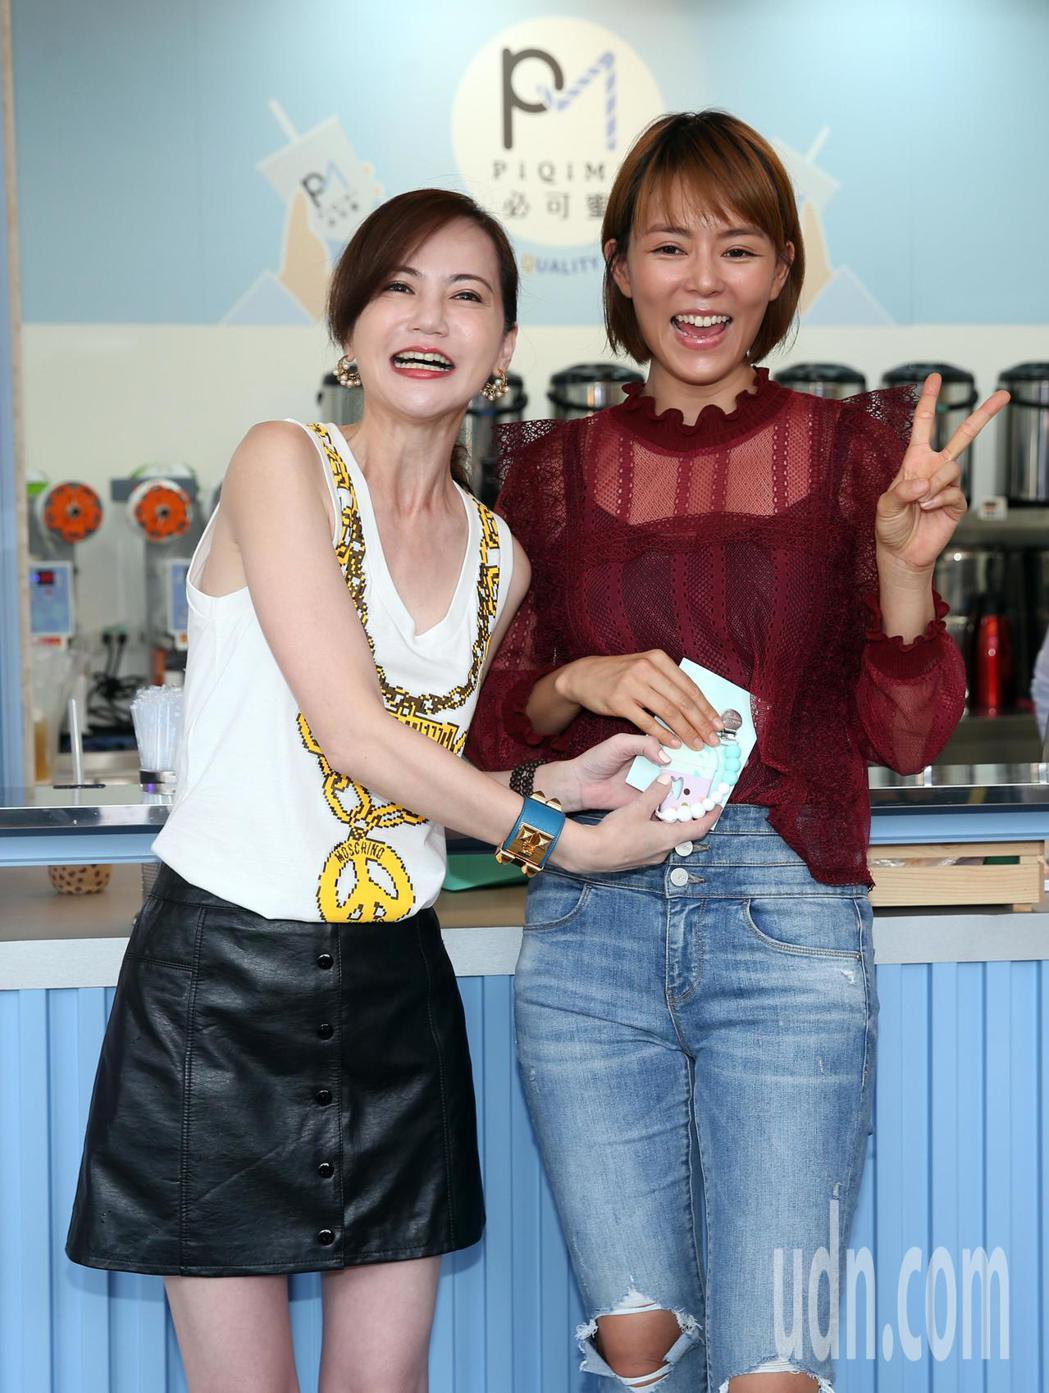 簡沛恩飲料店開新店、劉香慈出席擔任嘉賓。記者曾吉松/攝影